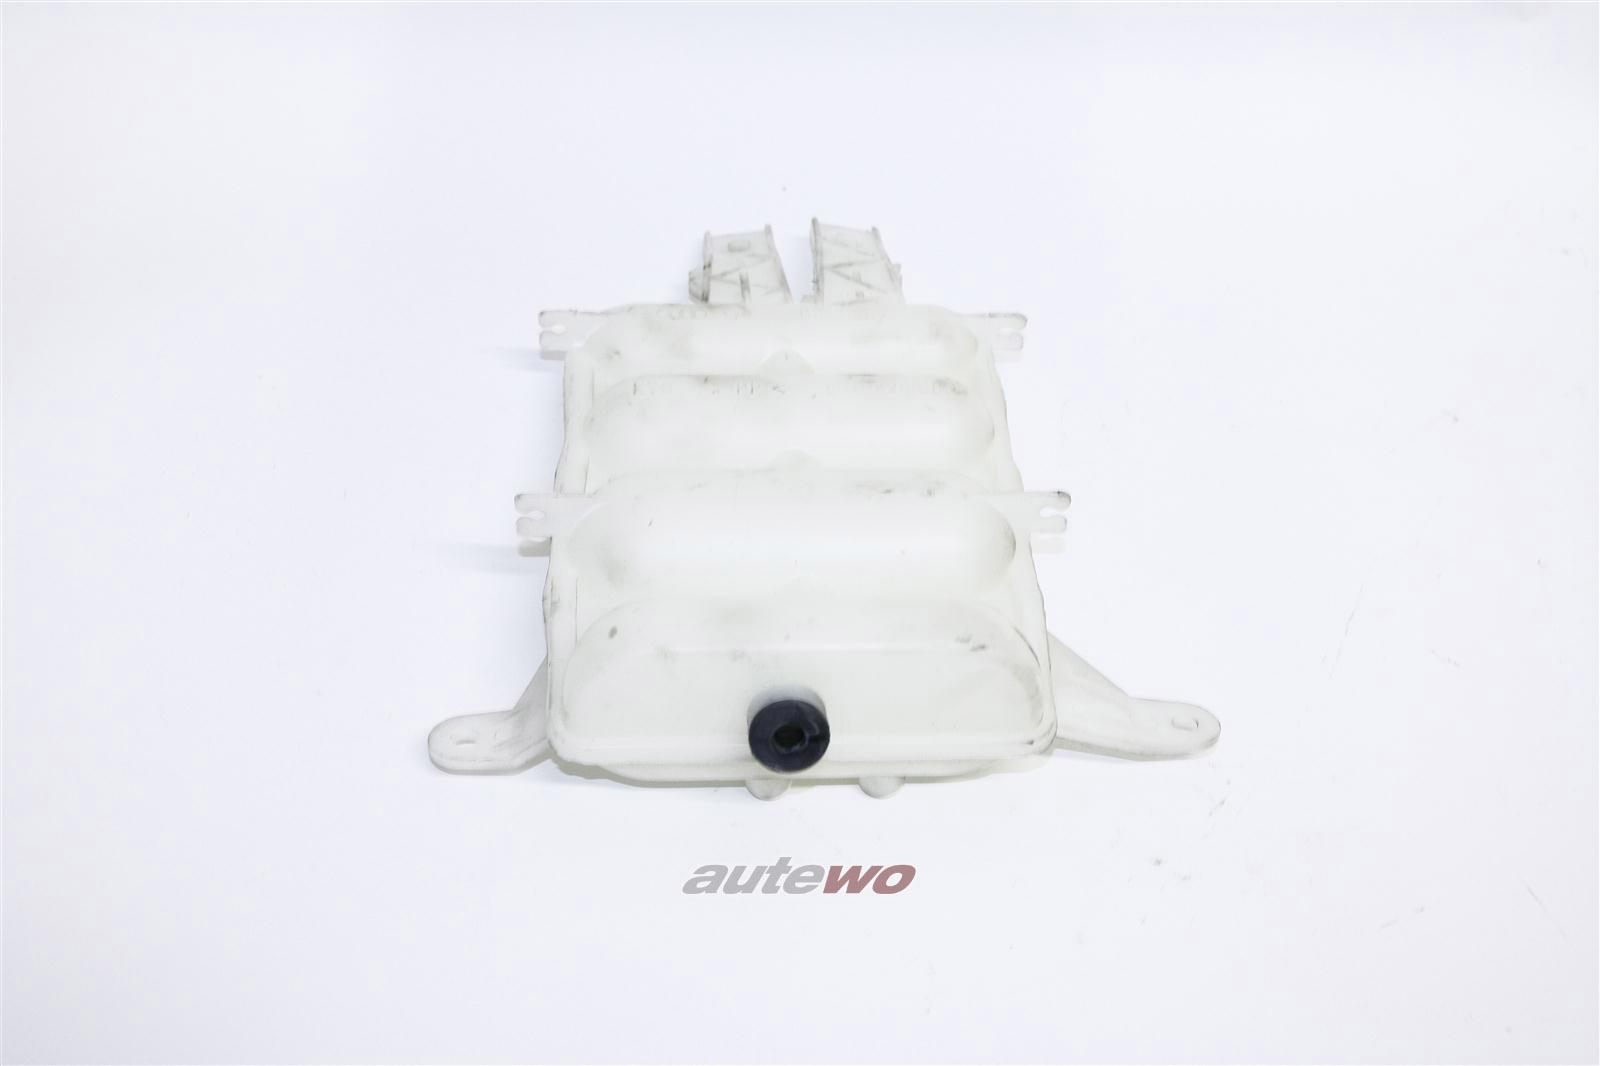 Audi A4 B5 Unterdruckbehälter Klima 8D0820601